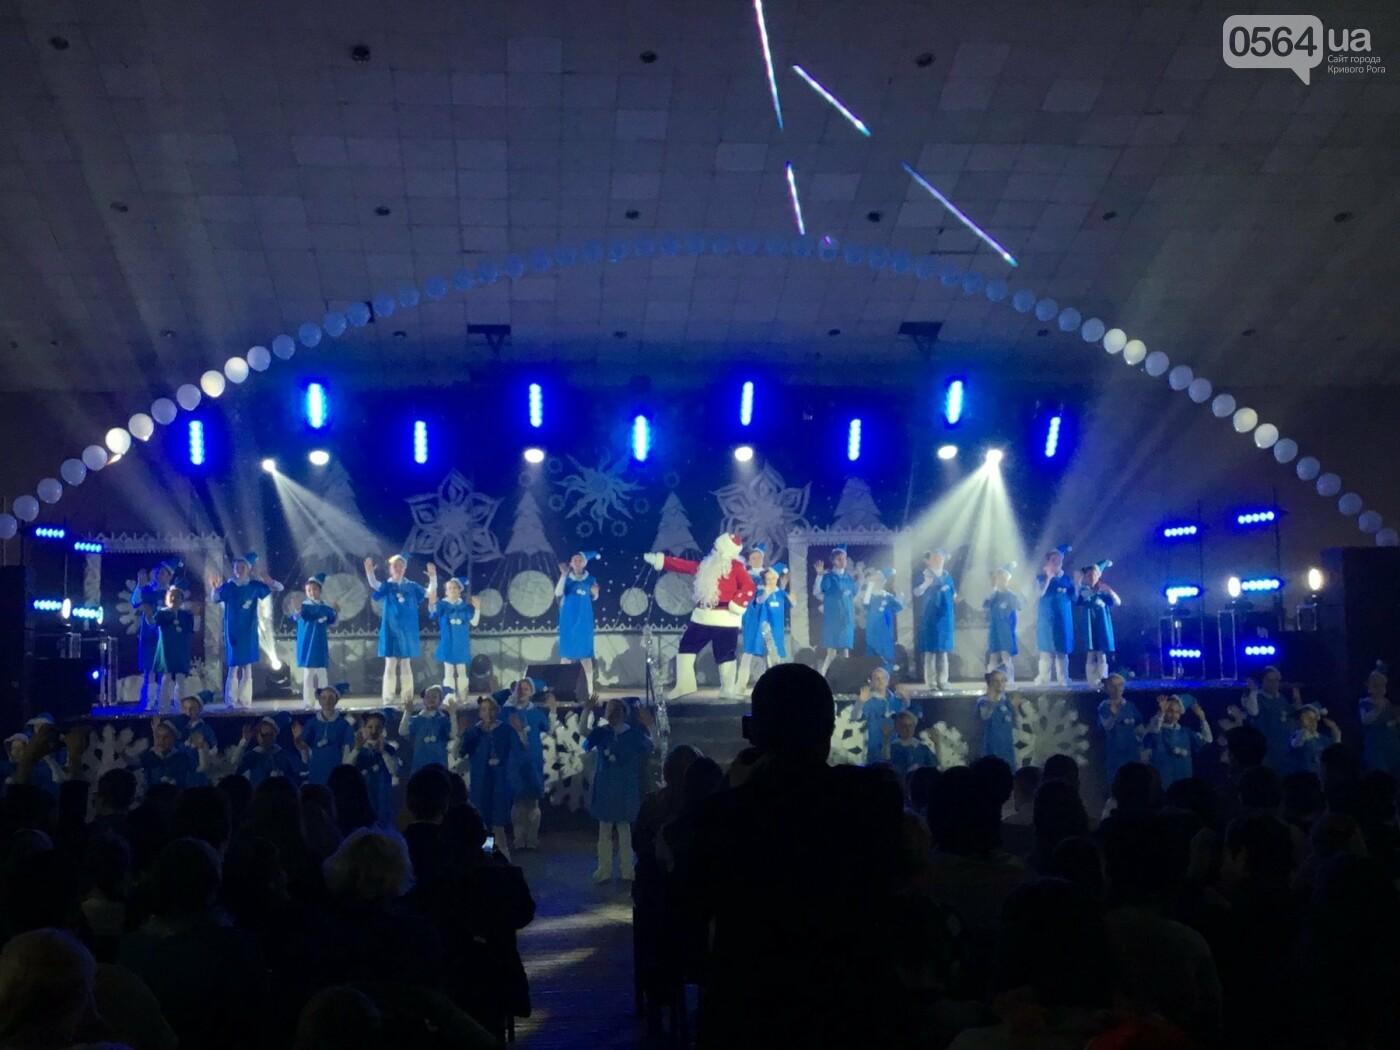 """В Кривом Роге на """"Главной елке"""" поздравили более 1,5 тысячи юных криворожан, - ФОТО, ВИДЕО, фото-11"""